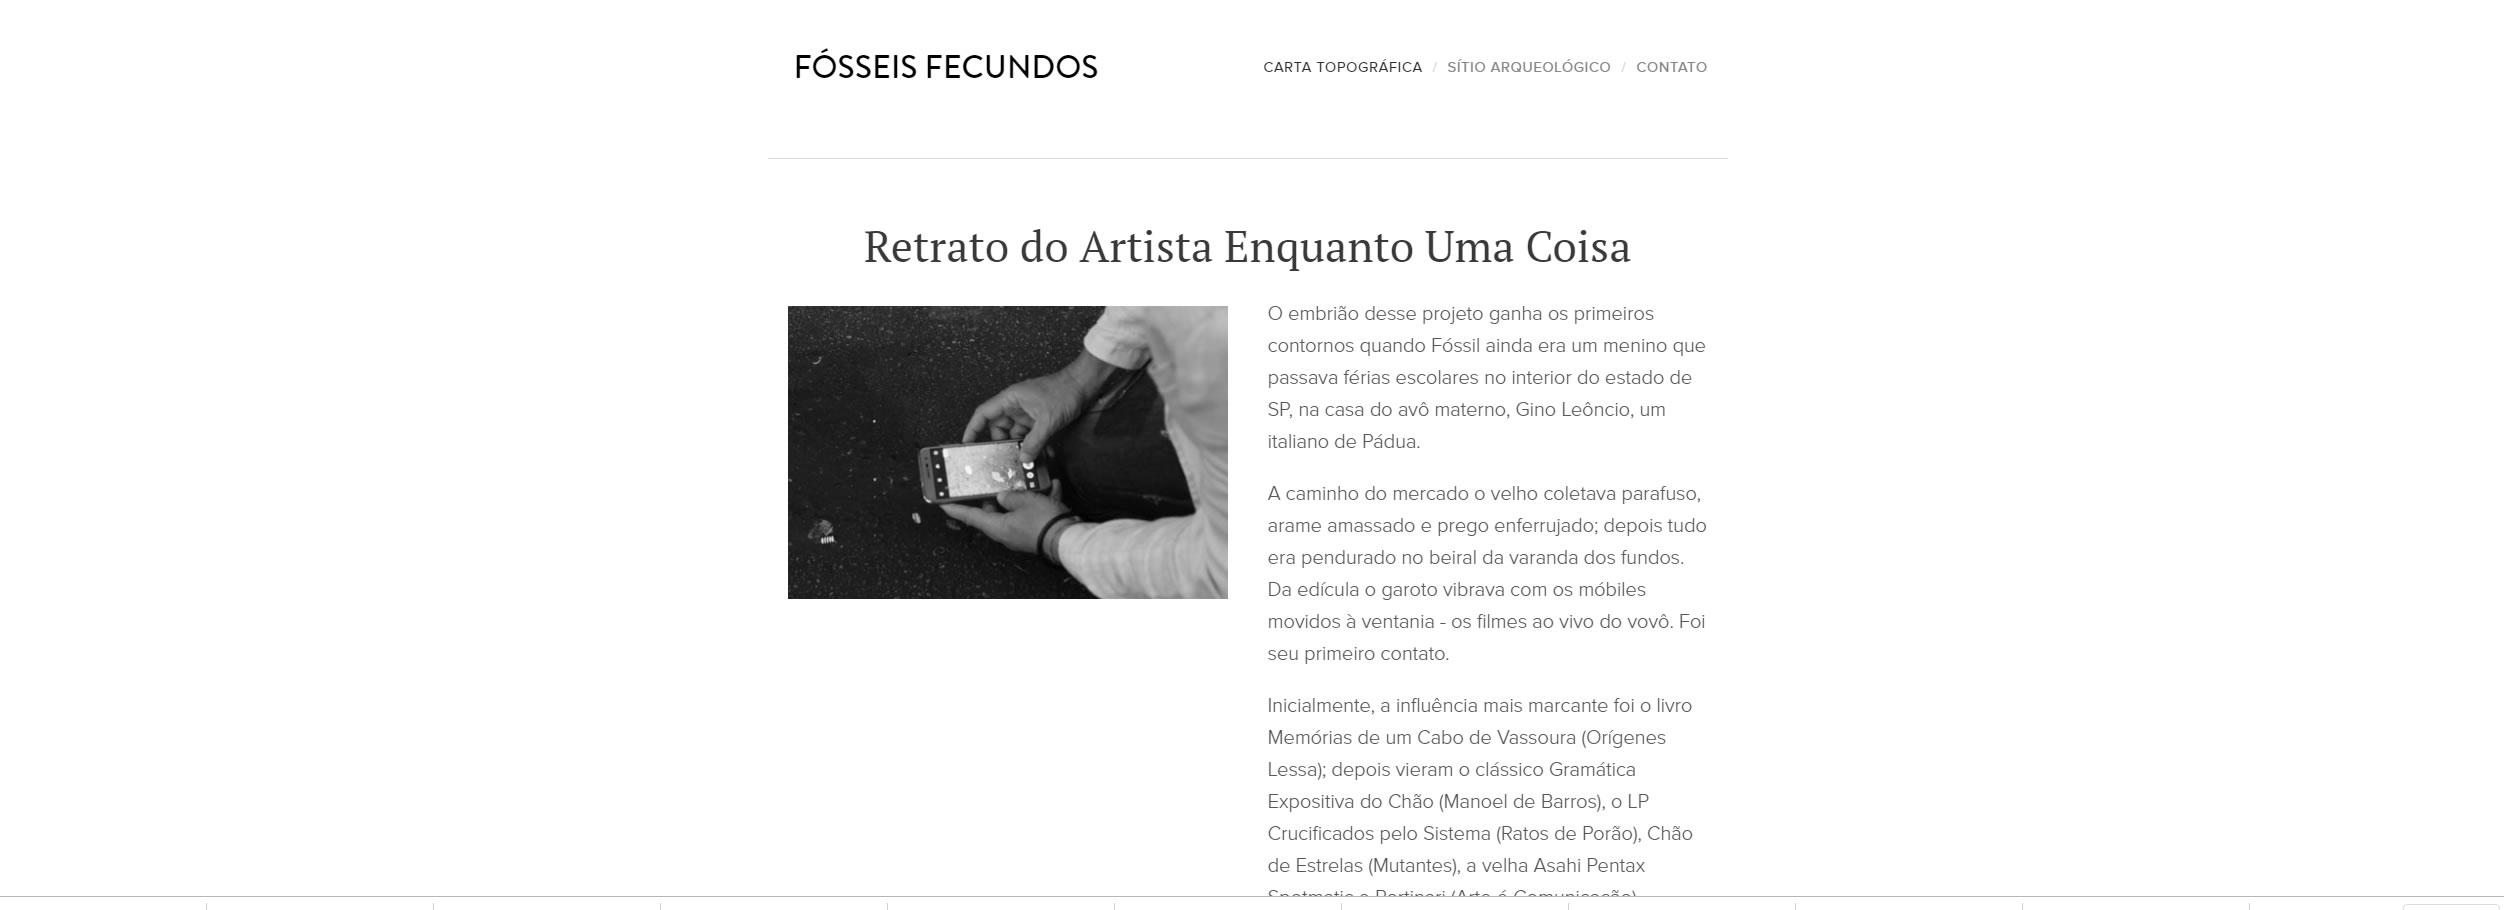 fosseis_fecundos_galeria_de_gravura